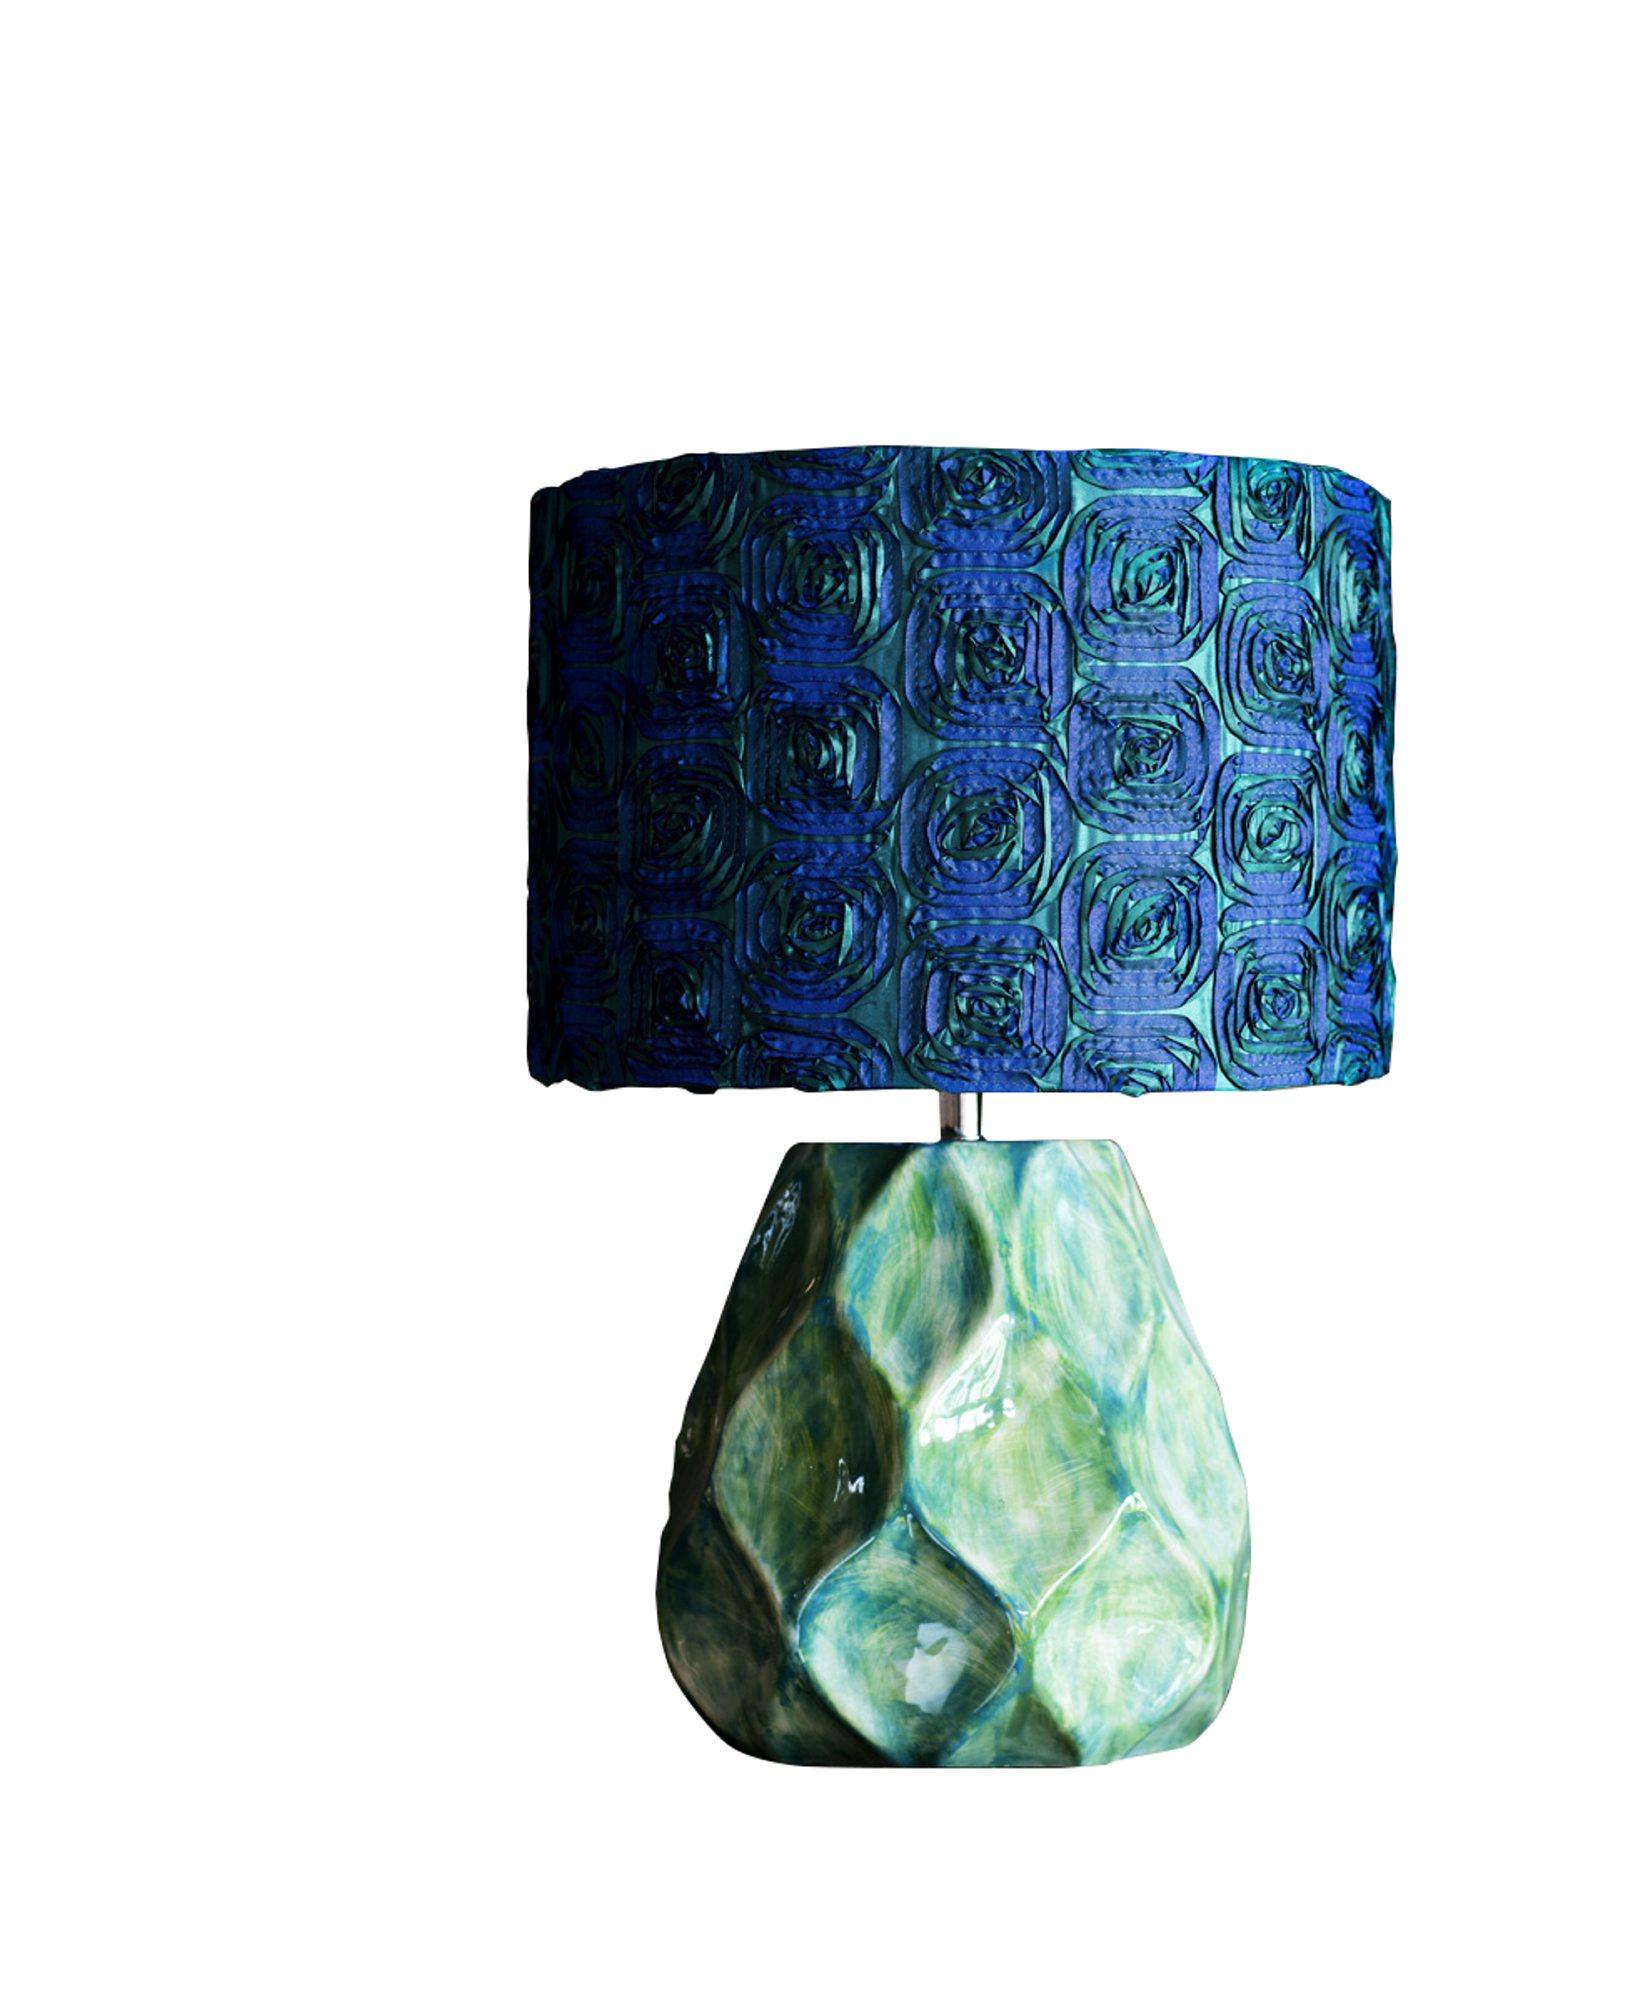 Herlig dekadent og jålete lampe fra Olsson & Jensen, fot, kr 1298, skjerm, kr 780, Anouska.